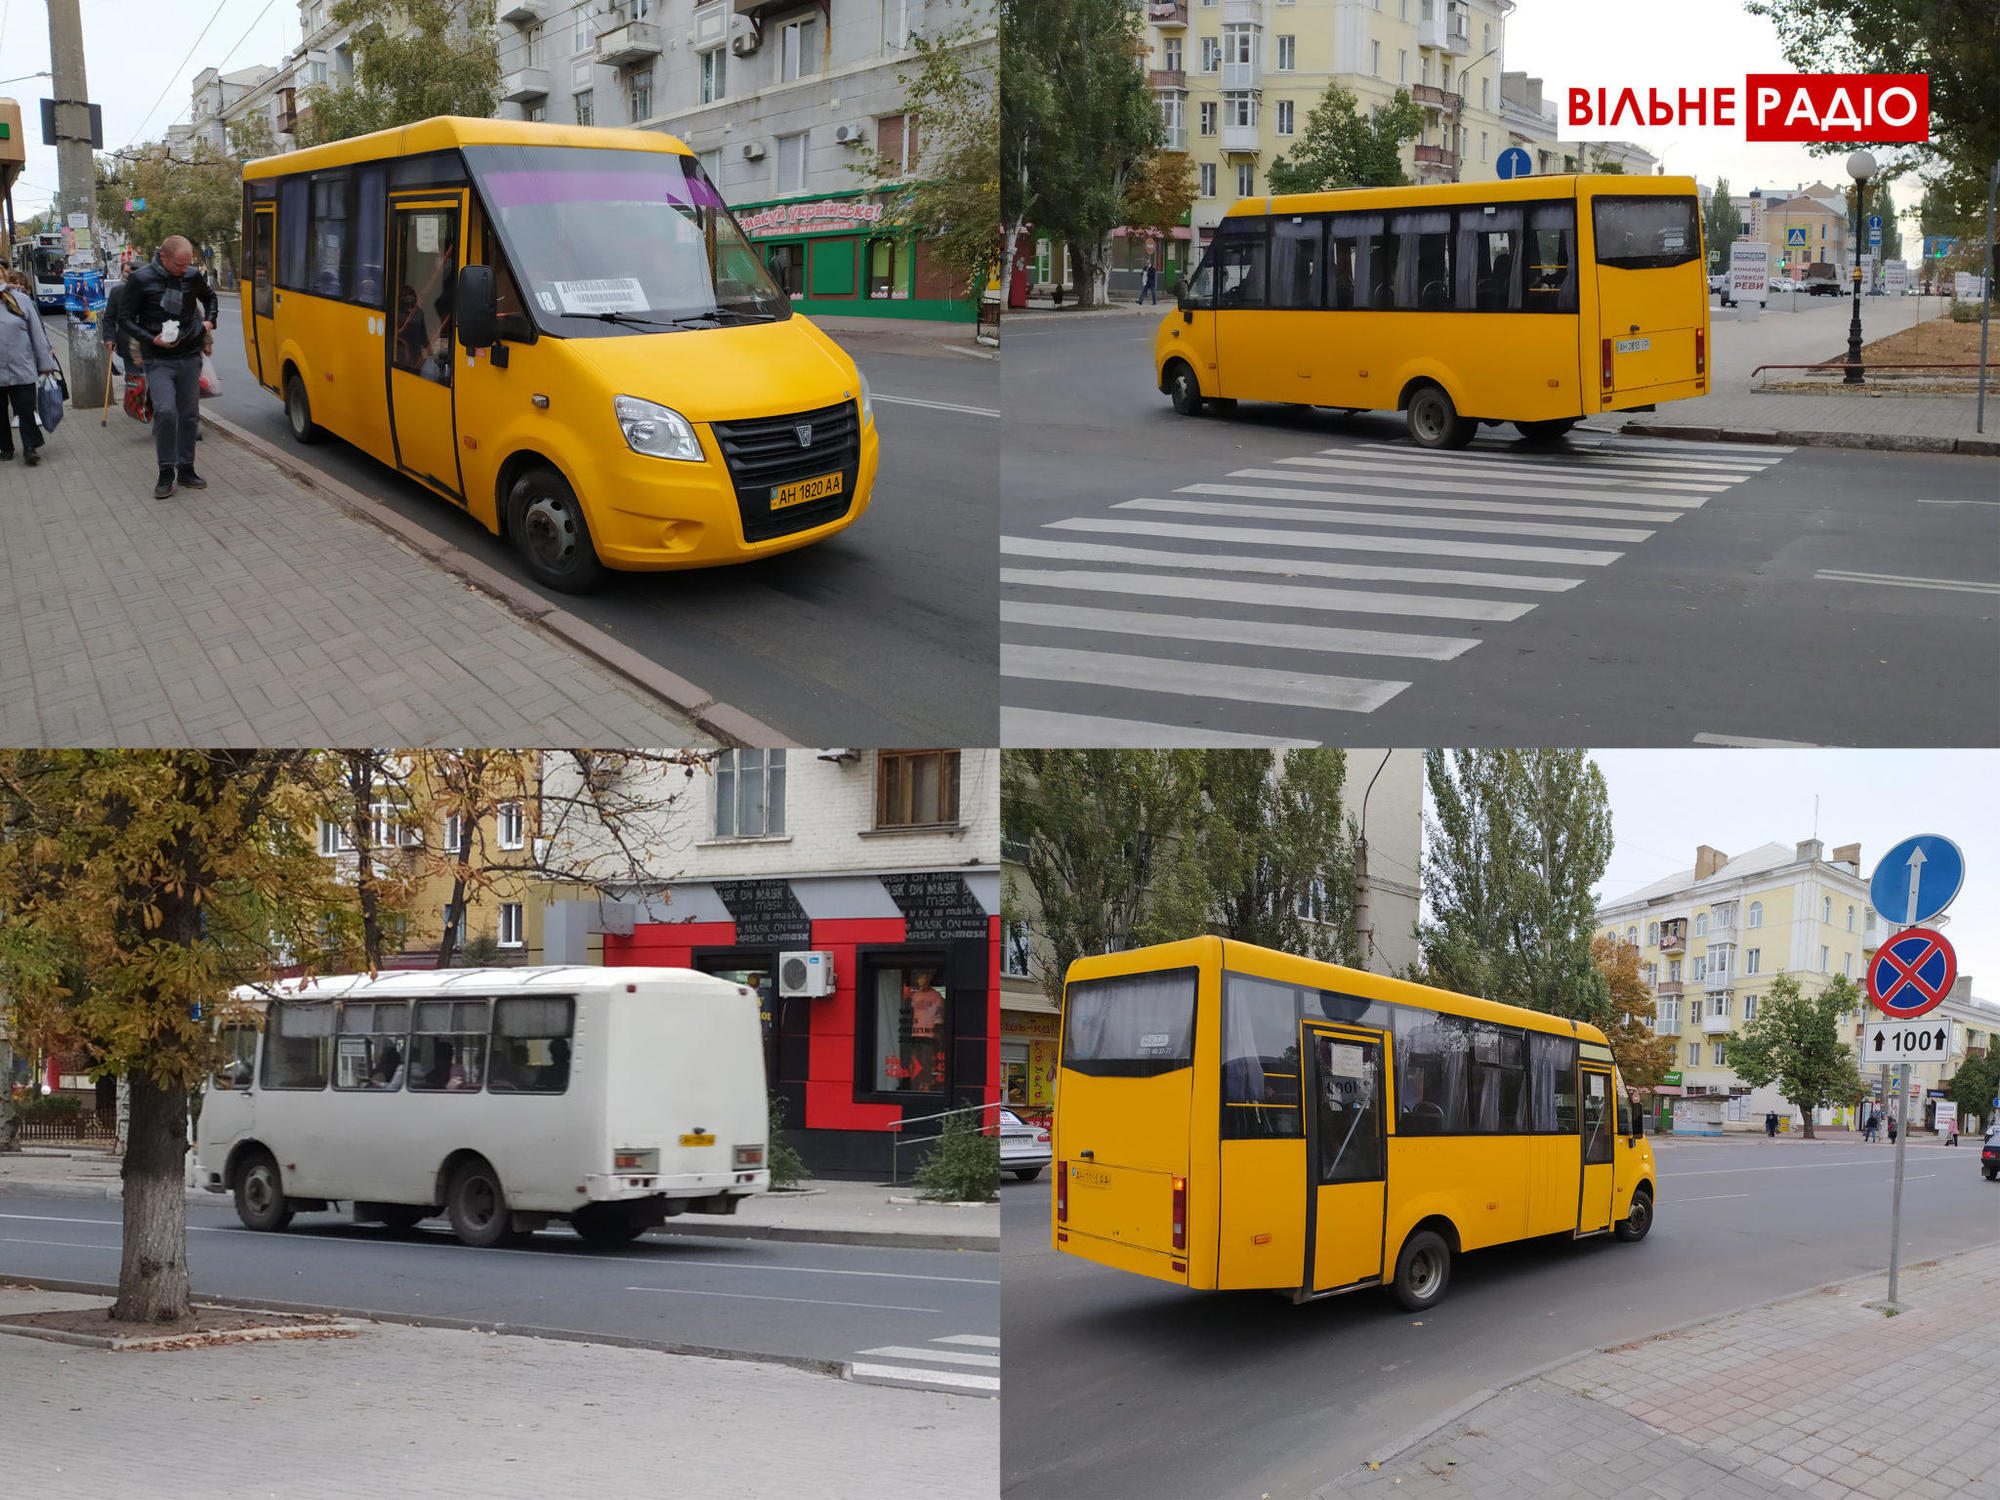 """Переходь на """"ЗЕлений"""": в Бахмуті на комунальних тролейбусах наклеїли приховану агітацію (ФОТО)"""